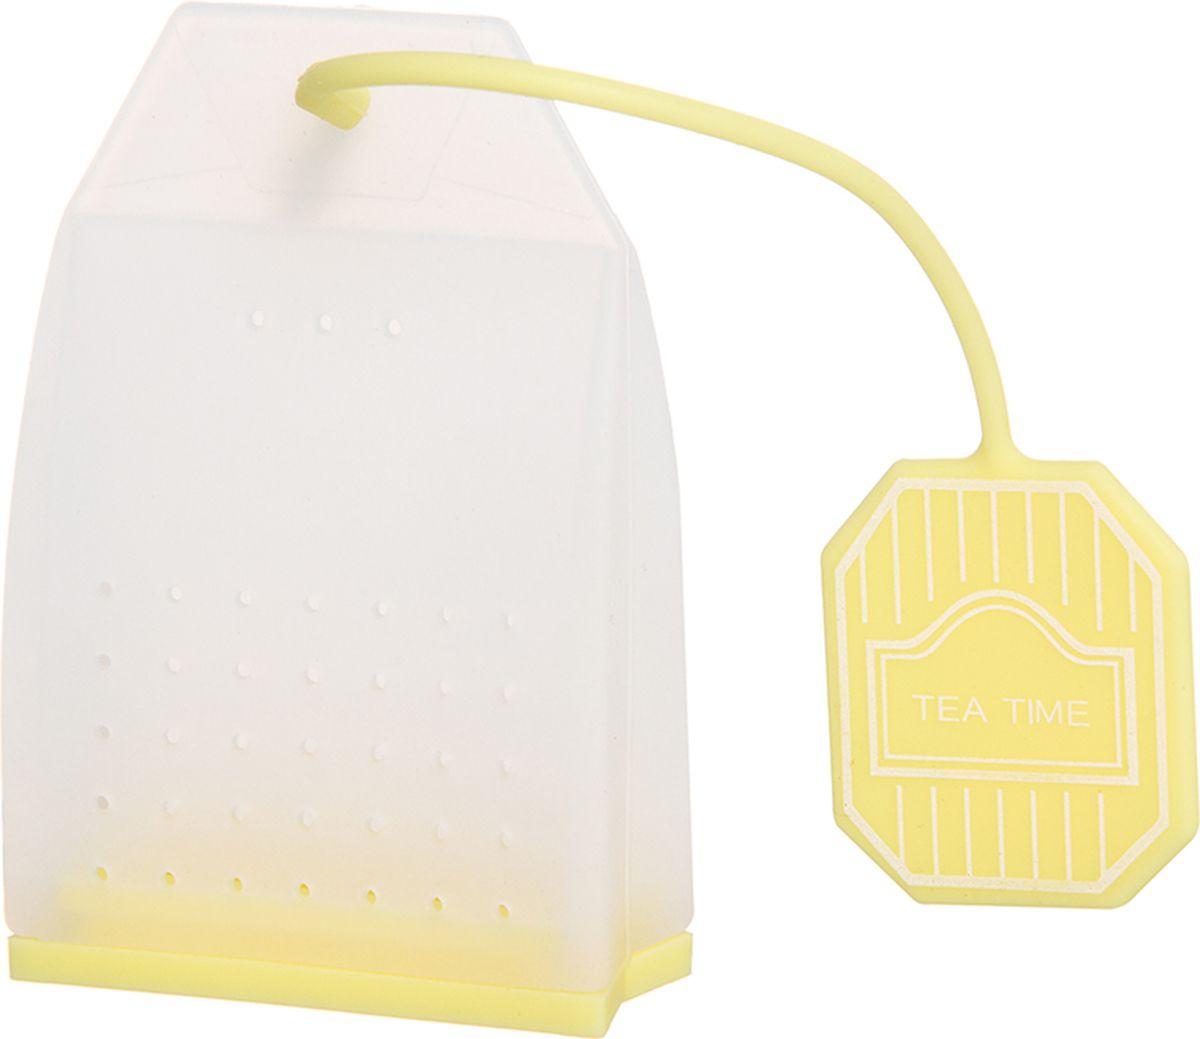 Ситечко для чая Elan Gallery Пакетик, цвет: белый, лимонный, 4,5 х 6,7 х 2 см900060Силиконовое ситечко для заварки чая и трав прекрасно подойдет всем любителям чая. Ситечко довольно вместительное, с удобным силиконовым шнурком. Размер 4х3,3х5 см.